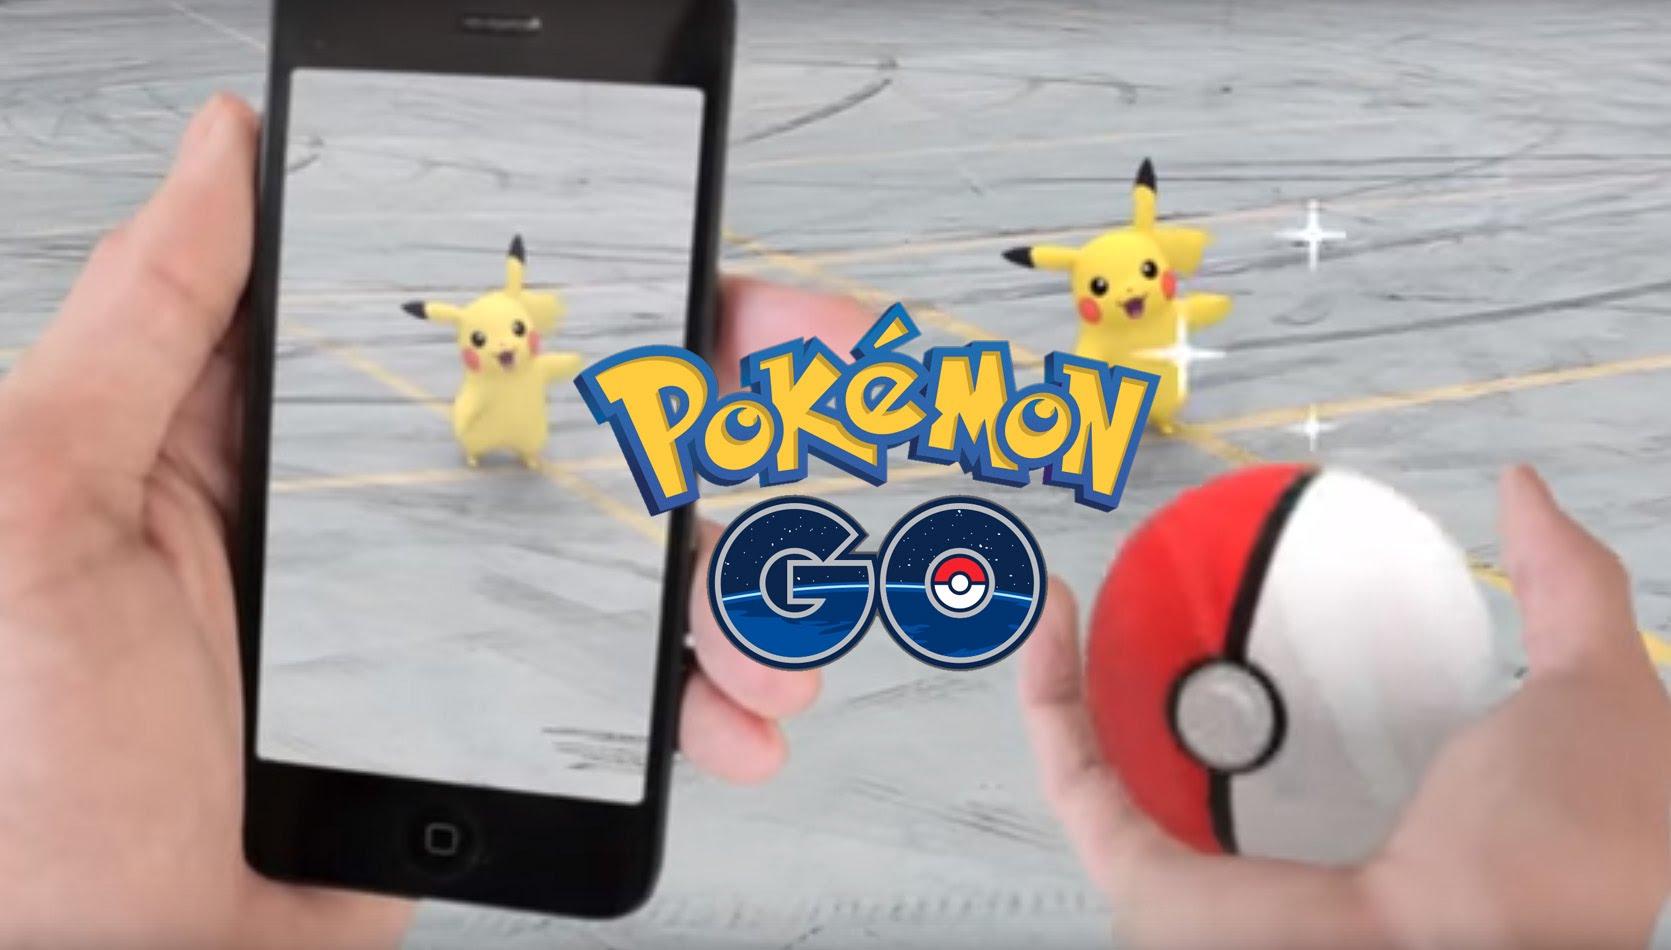 Сбербанк поможет поймать покемонов и предоставит бесплатную страховку игрокам в Pokemon Go